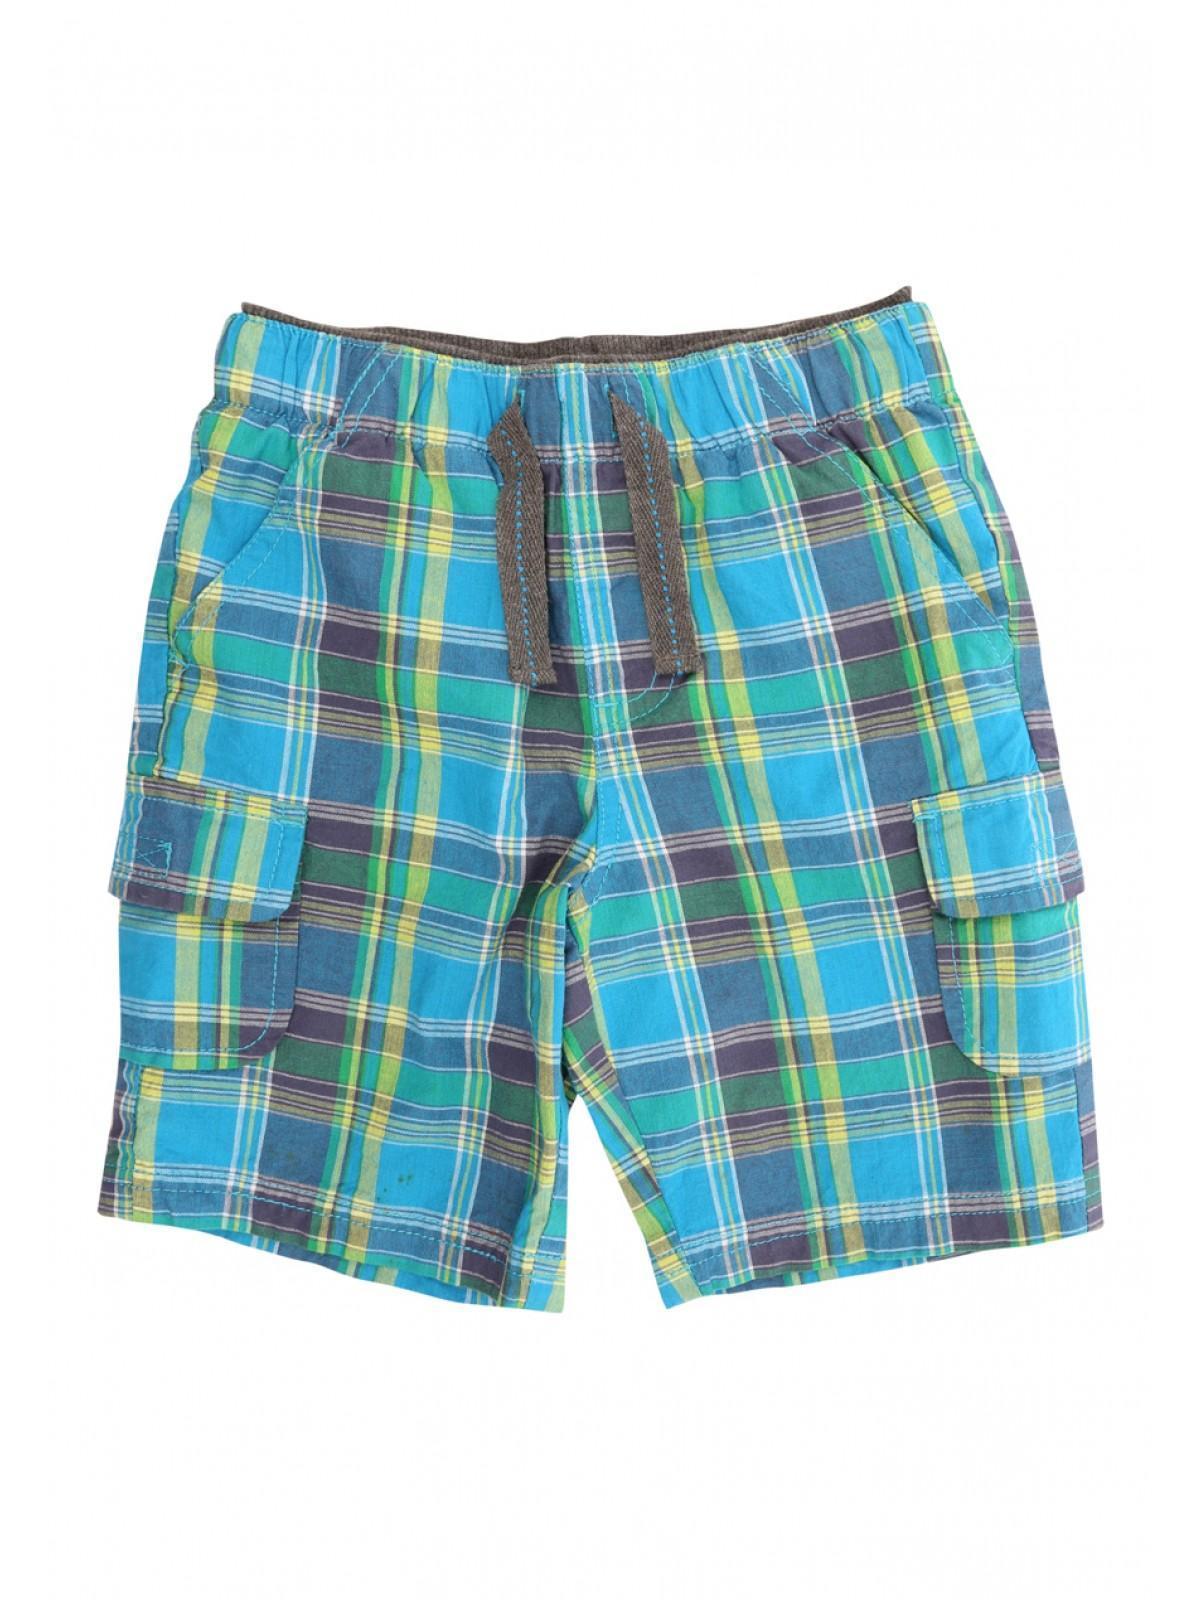 fbb64a24c7 Home; Younger Boys Check Cargo Shorts. Back. PreviousNext